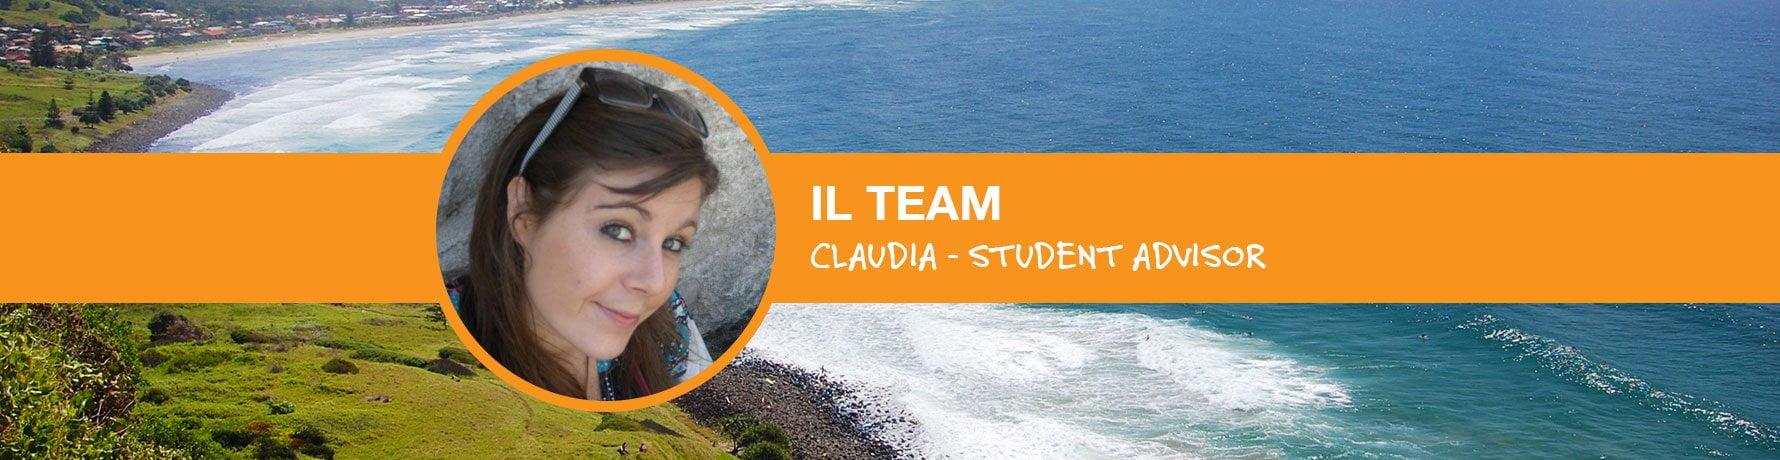 Il Team si presenta: Claudia - Student Advisor